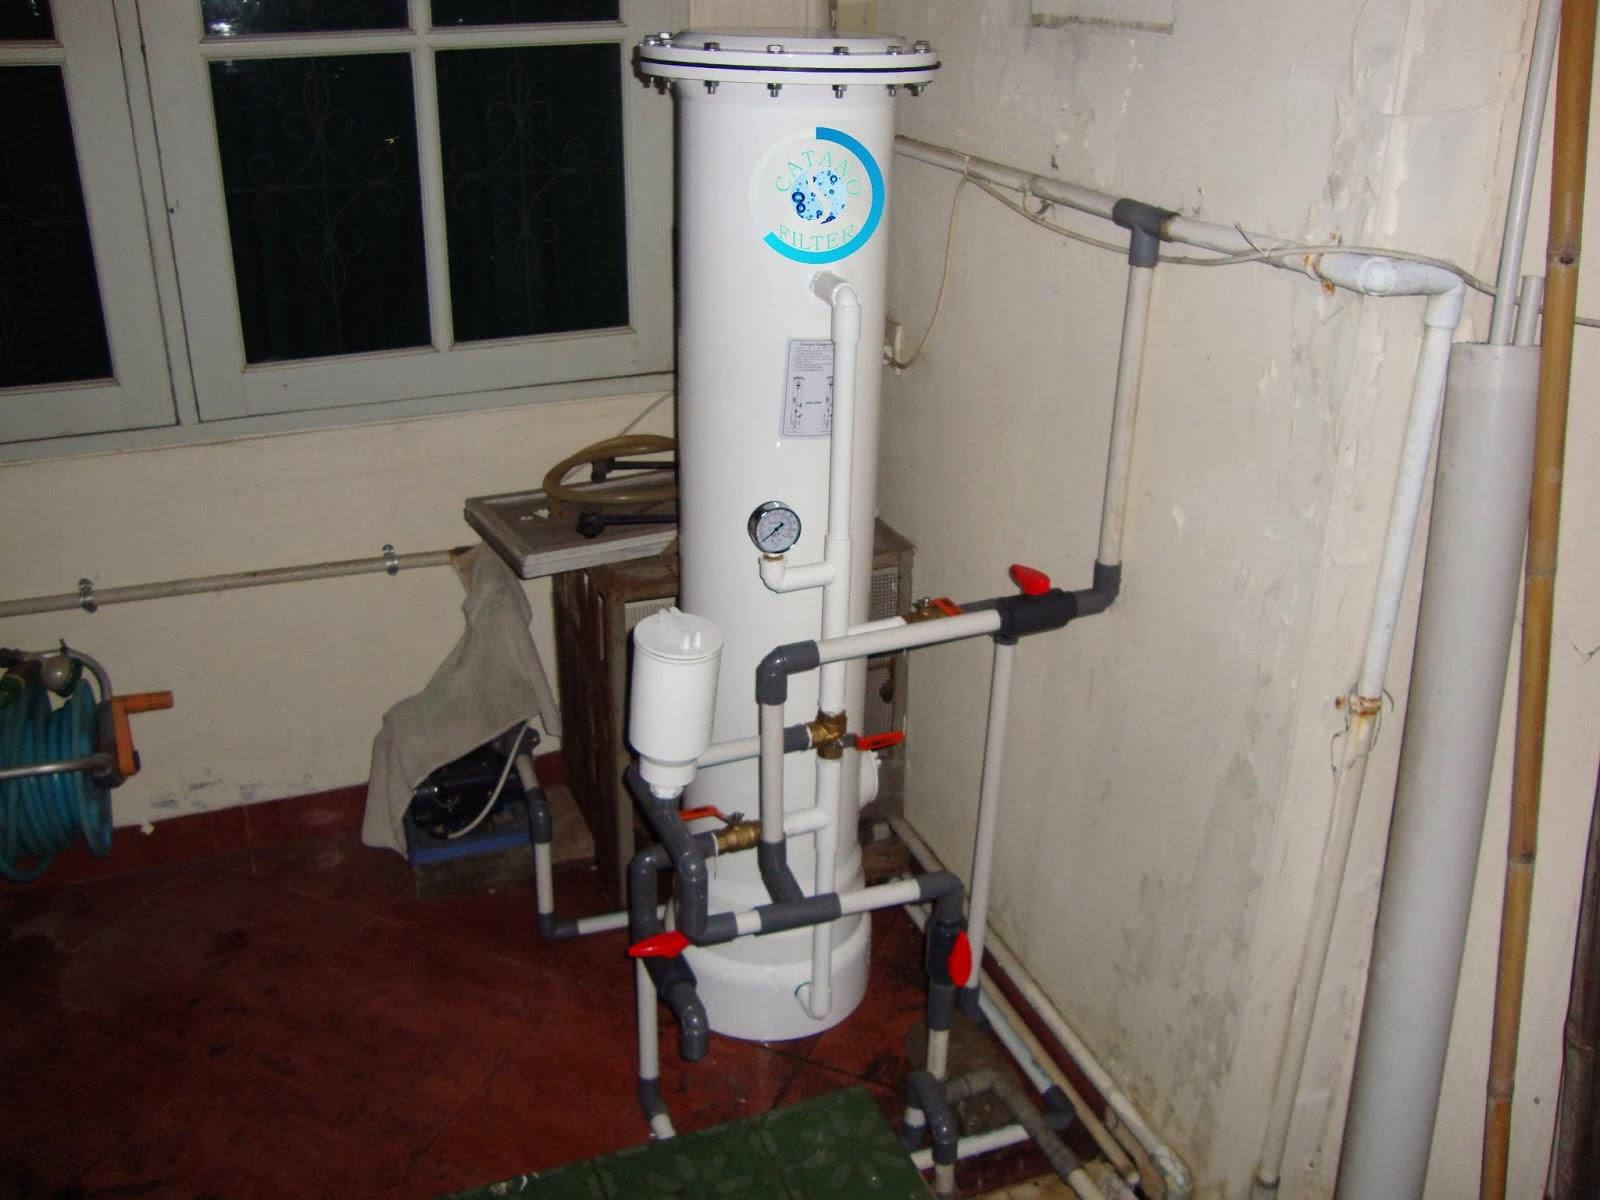 jual penjernih air, jual filter air, jual penyaring air, filter air berkualitas, filter air murah